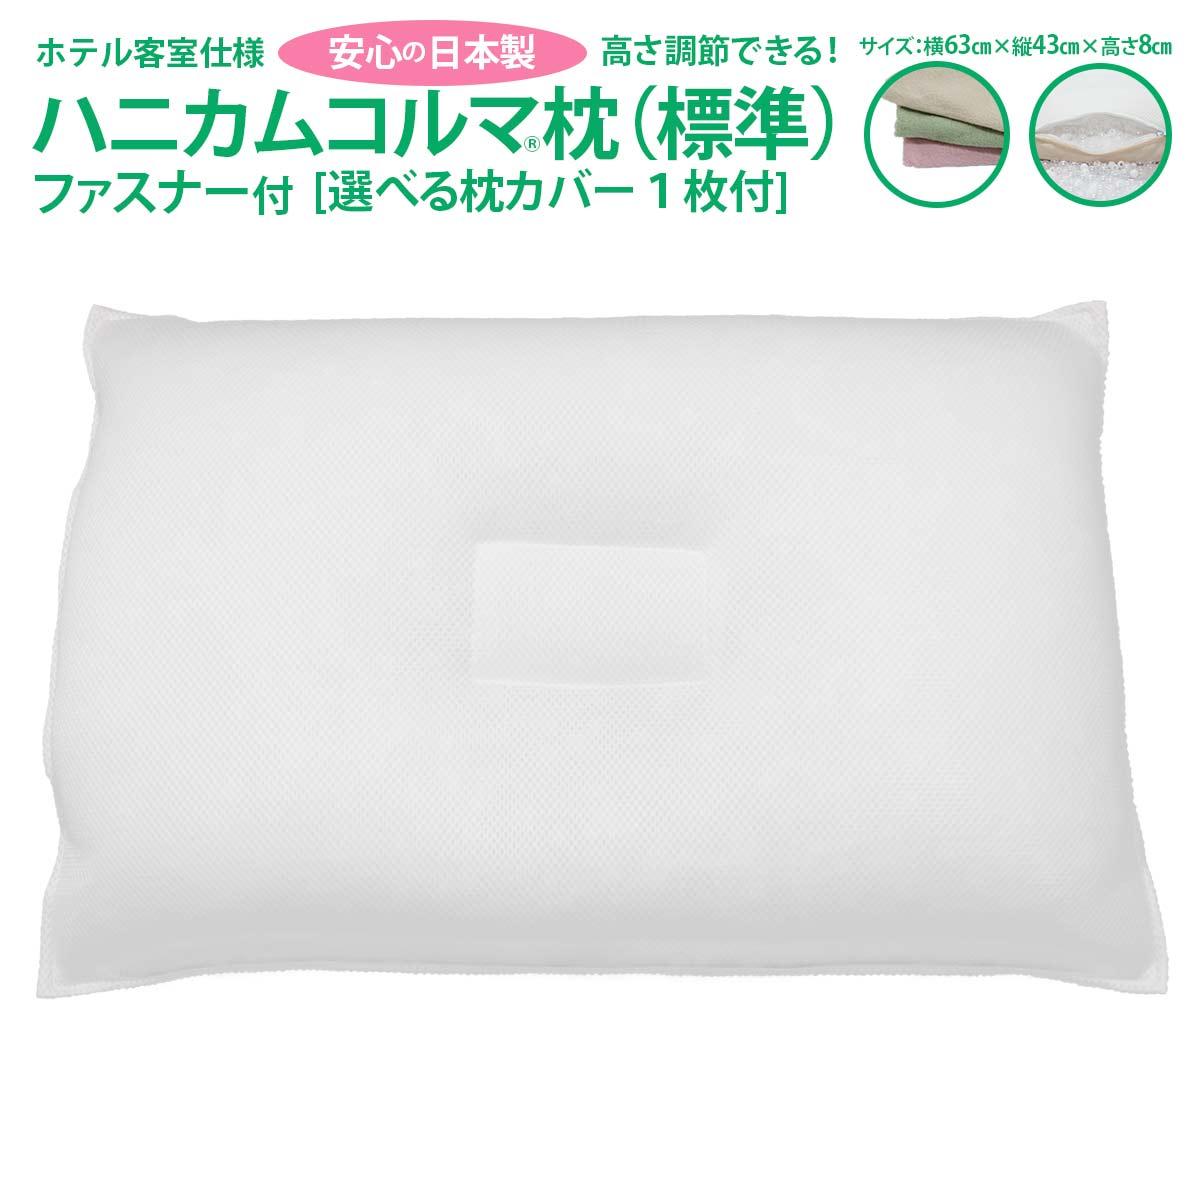 色が選べる枕カバー付 スーパーホテル仕様 ハニカムコルマ枕 標準 通気性 ついに再販開始 自分で高さ調節できる 高品質 日本製 ファスナー付き63cm×43cm